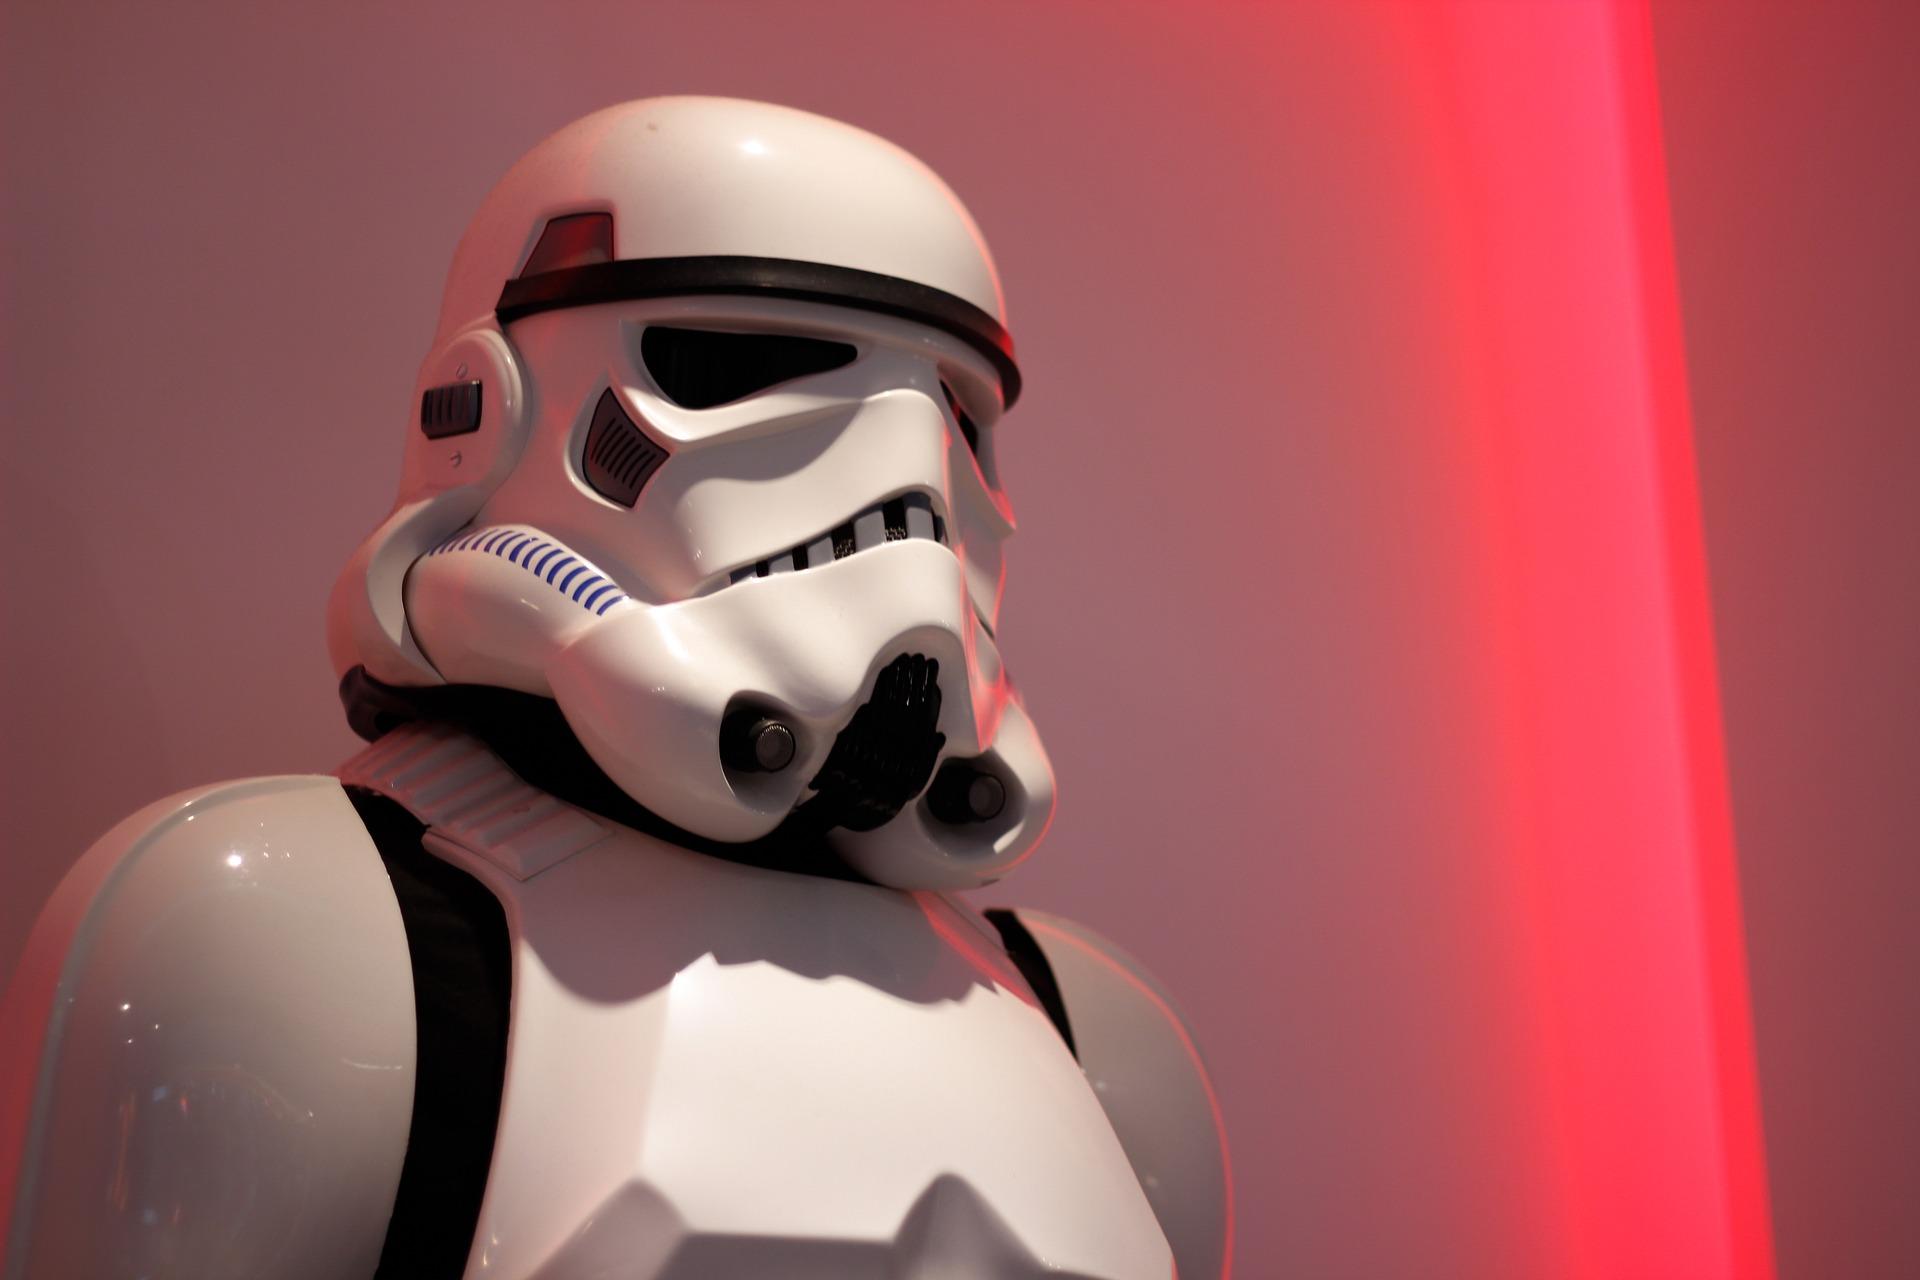 stormtrooper-1822272_1920